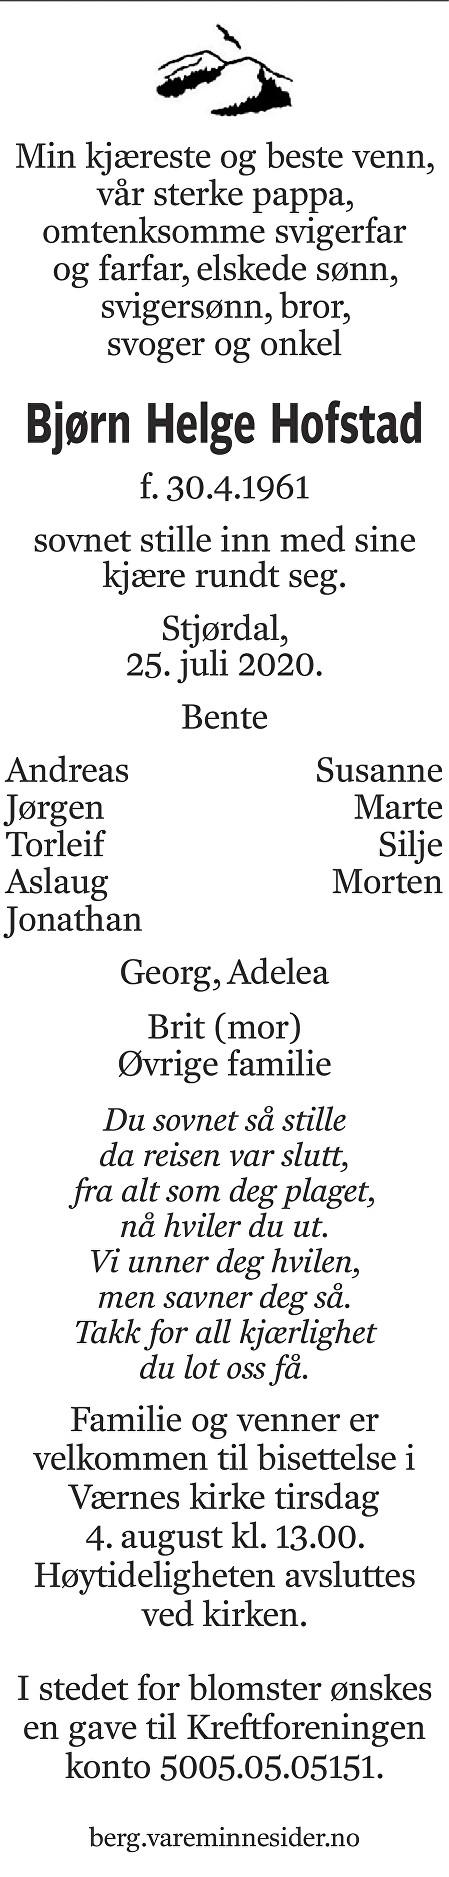 Bjørn Helge Hofstad Dødsannonse